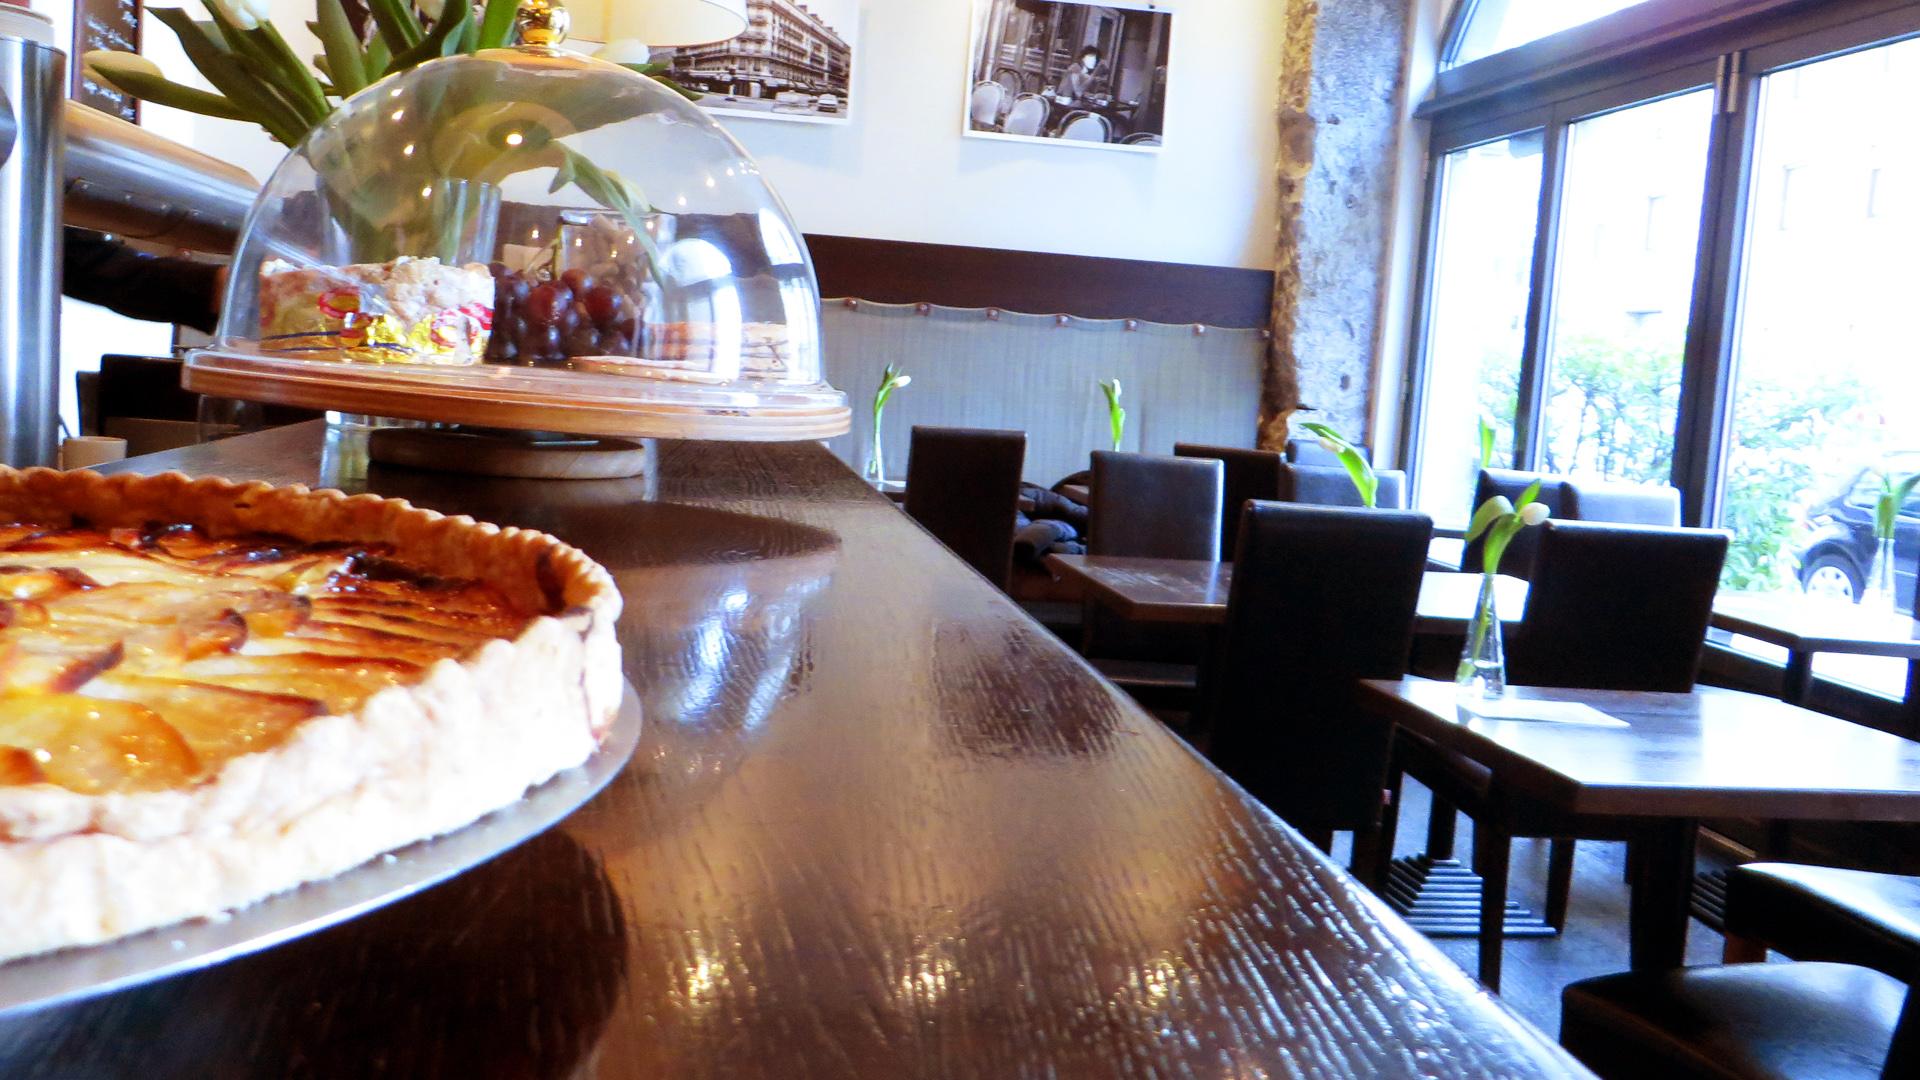 Der franzose um die ecke das bistrot rive gauche - Restaurant wandel ...